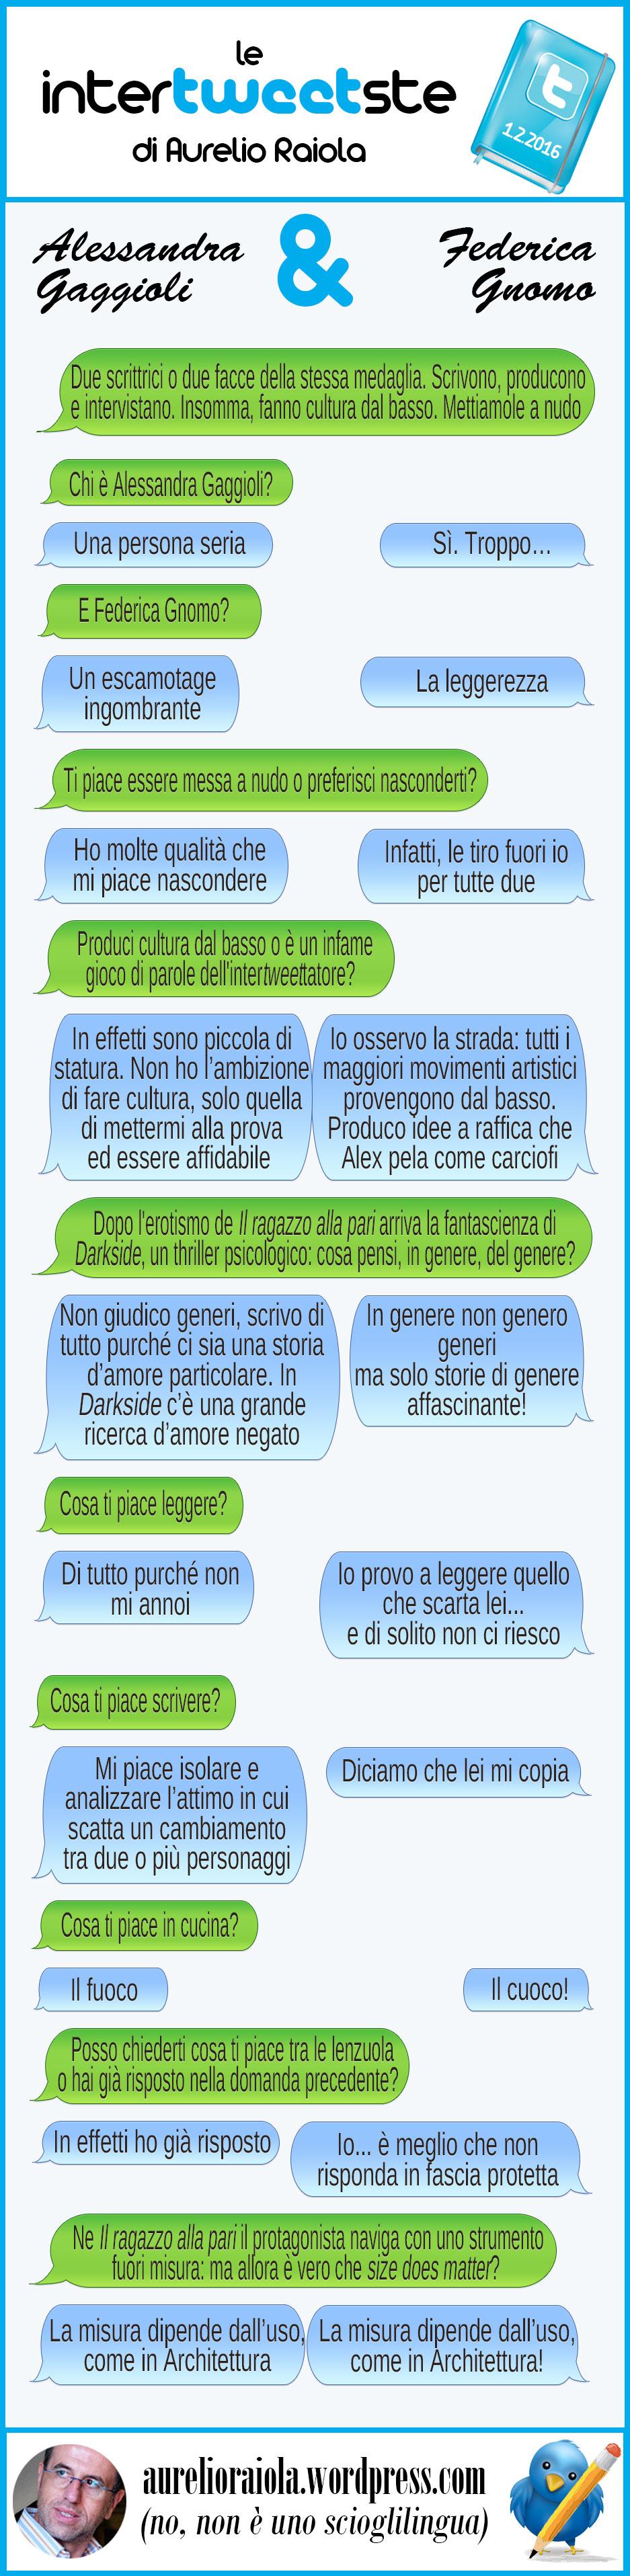 20160201-Intertweetste-Alessandra-Gaggioli-e-Federica-Gnomo_forweb